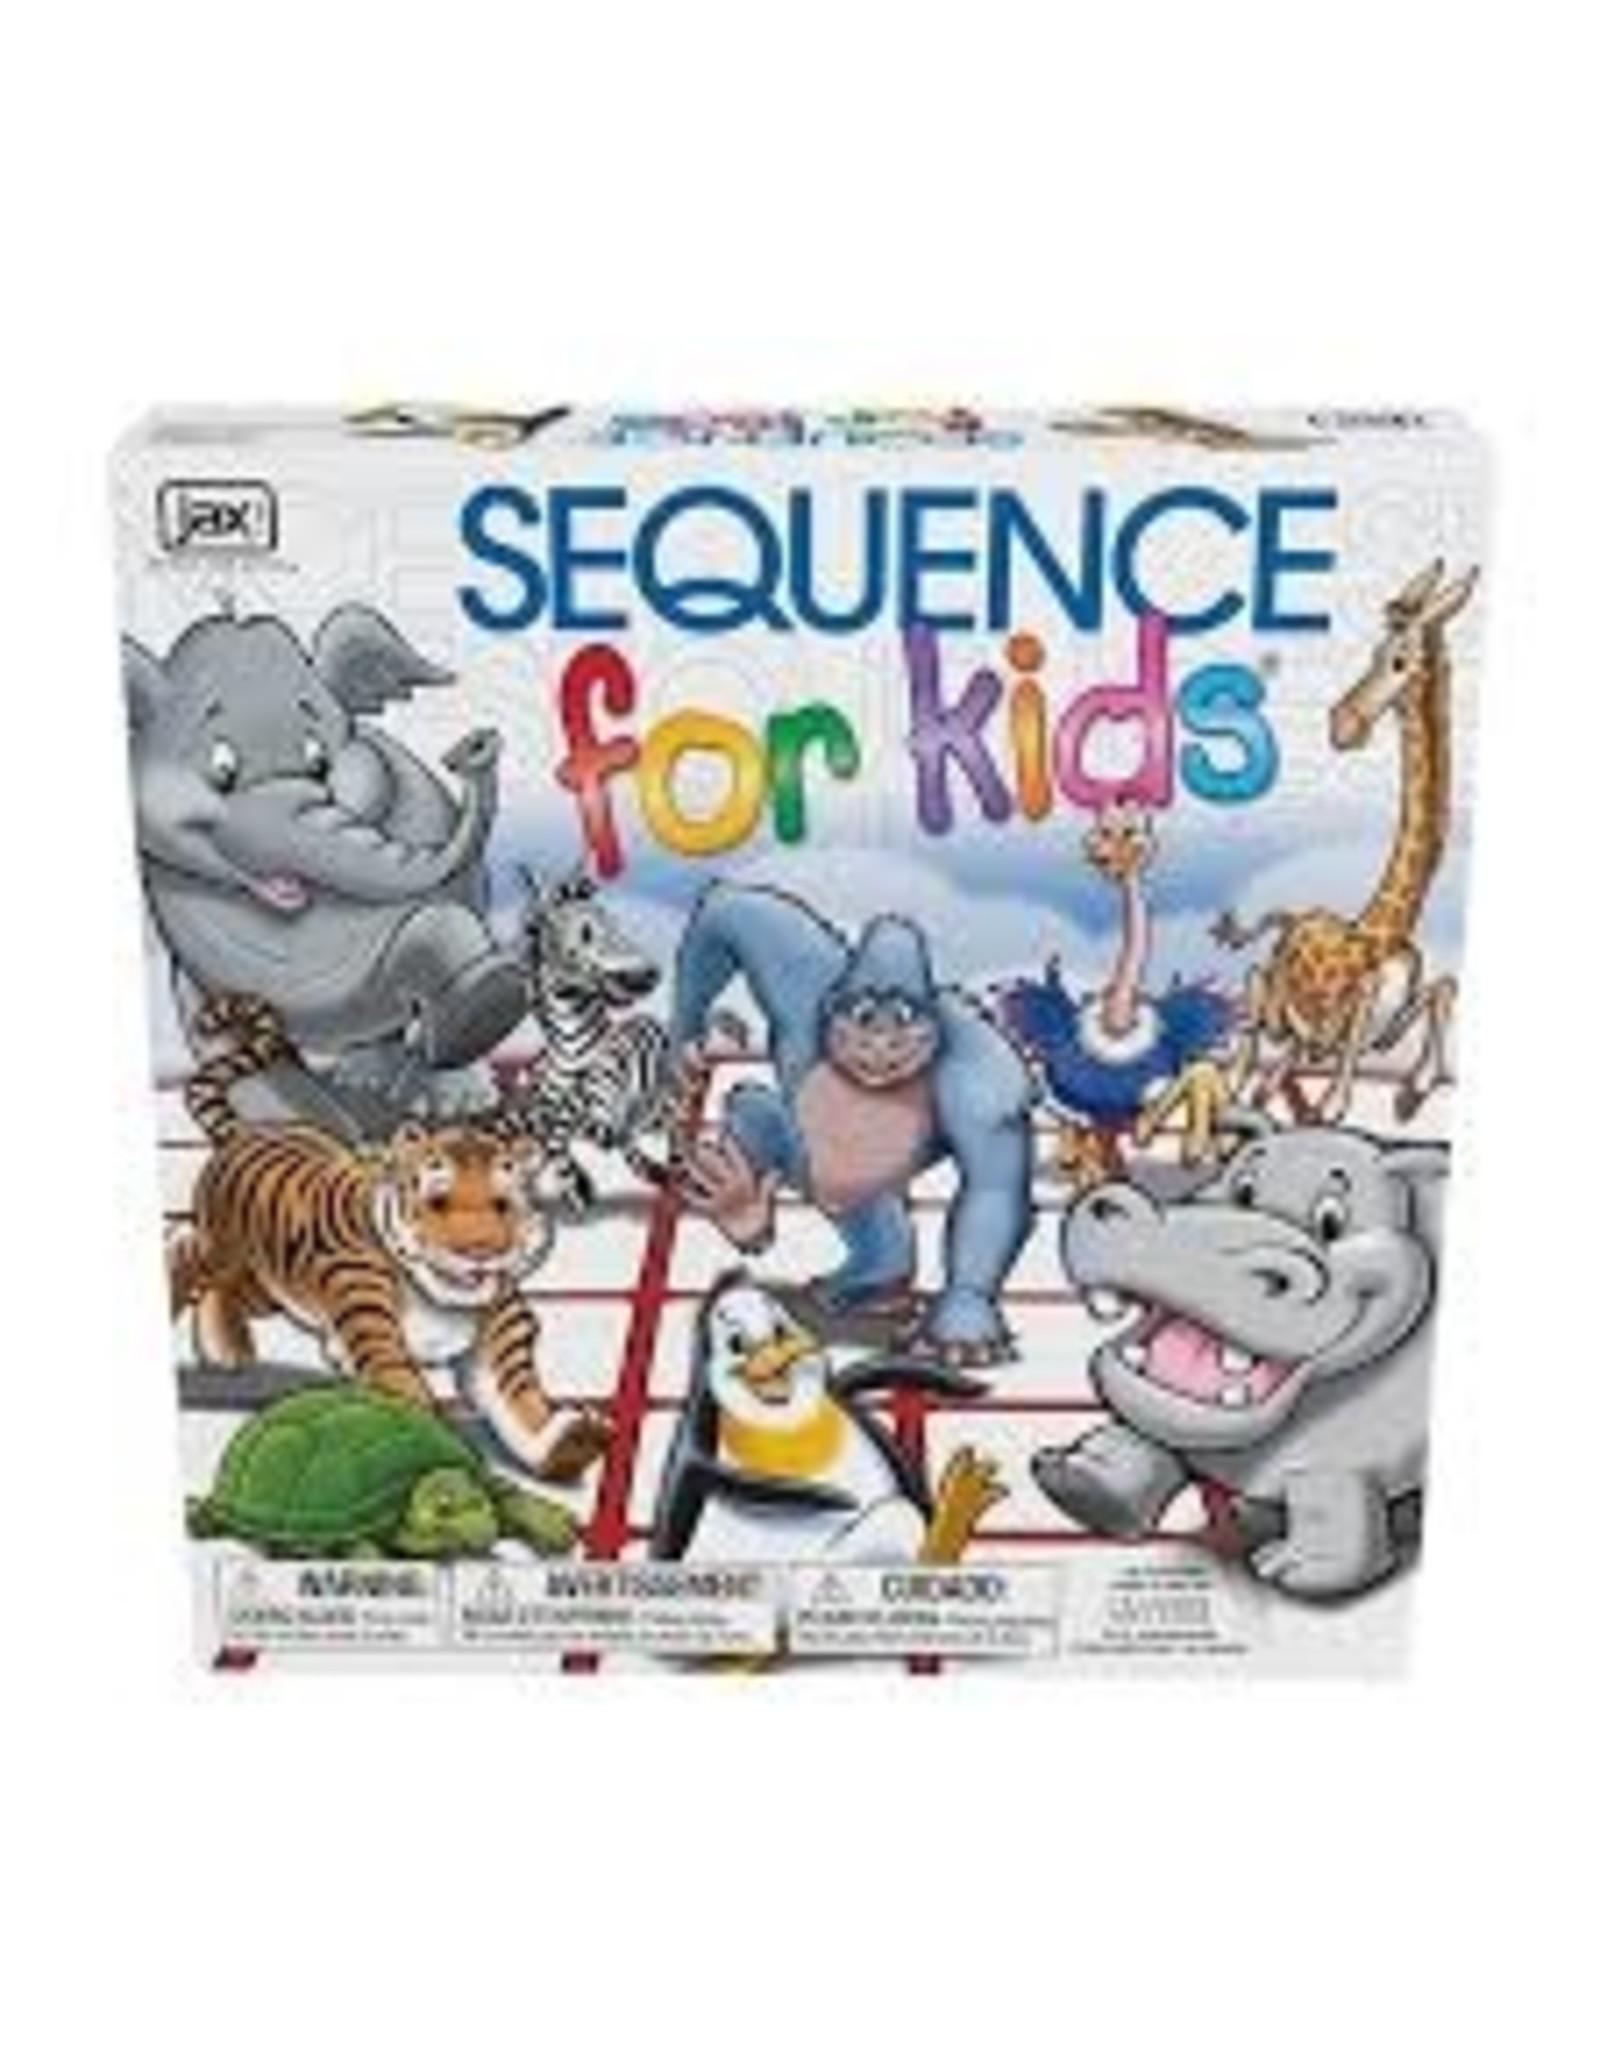 Jax Ltd Sequence for Kids (Trilingual)